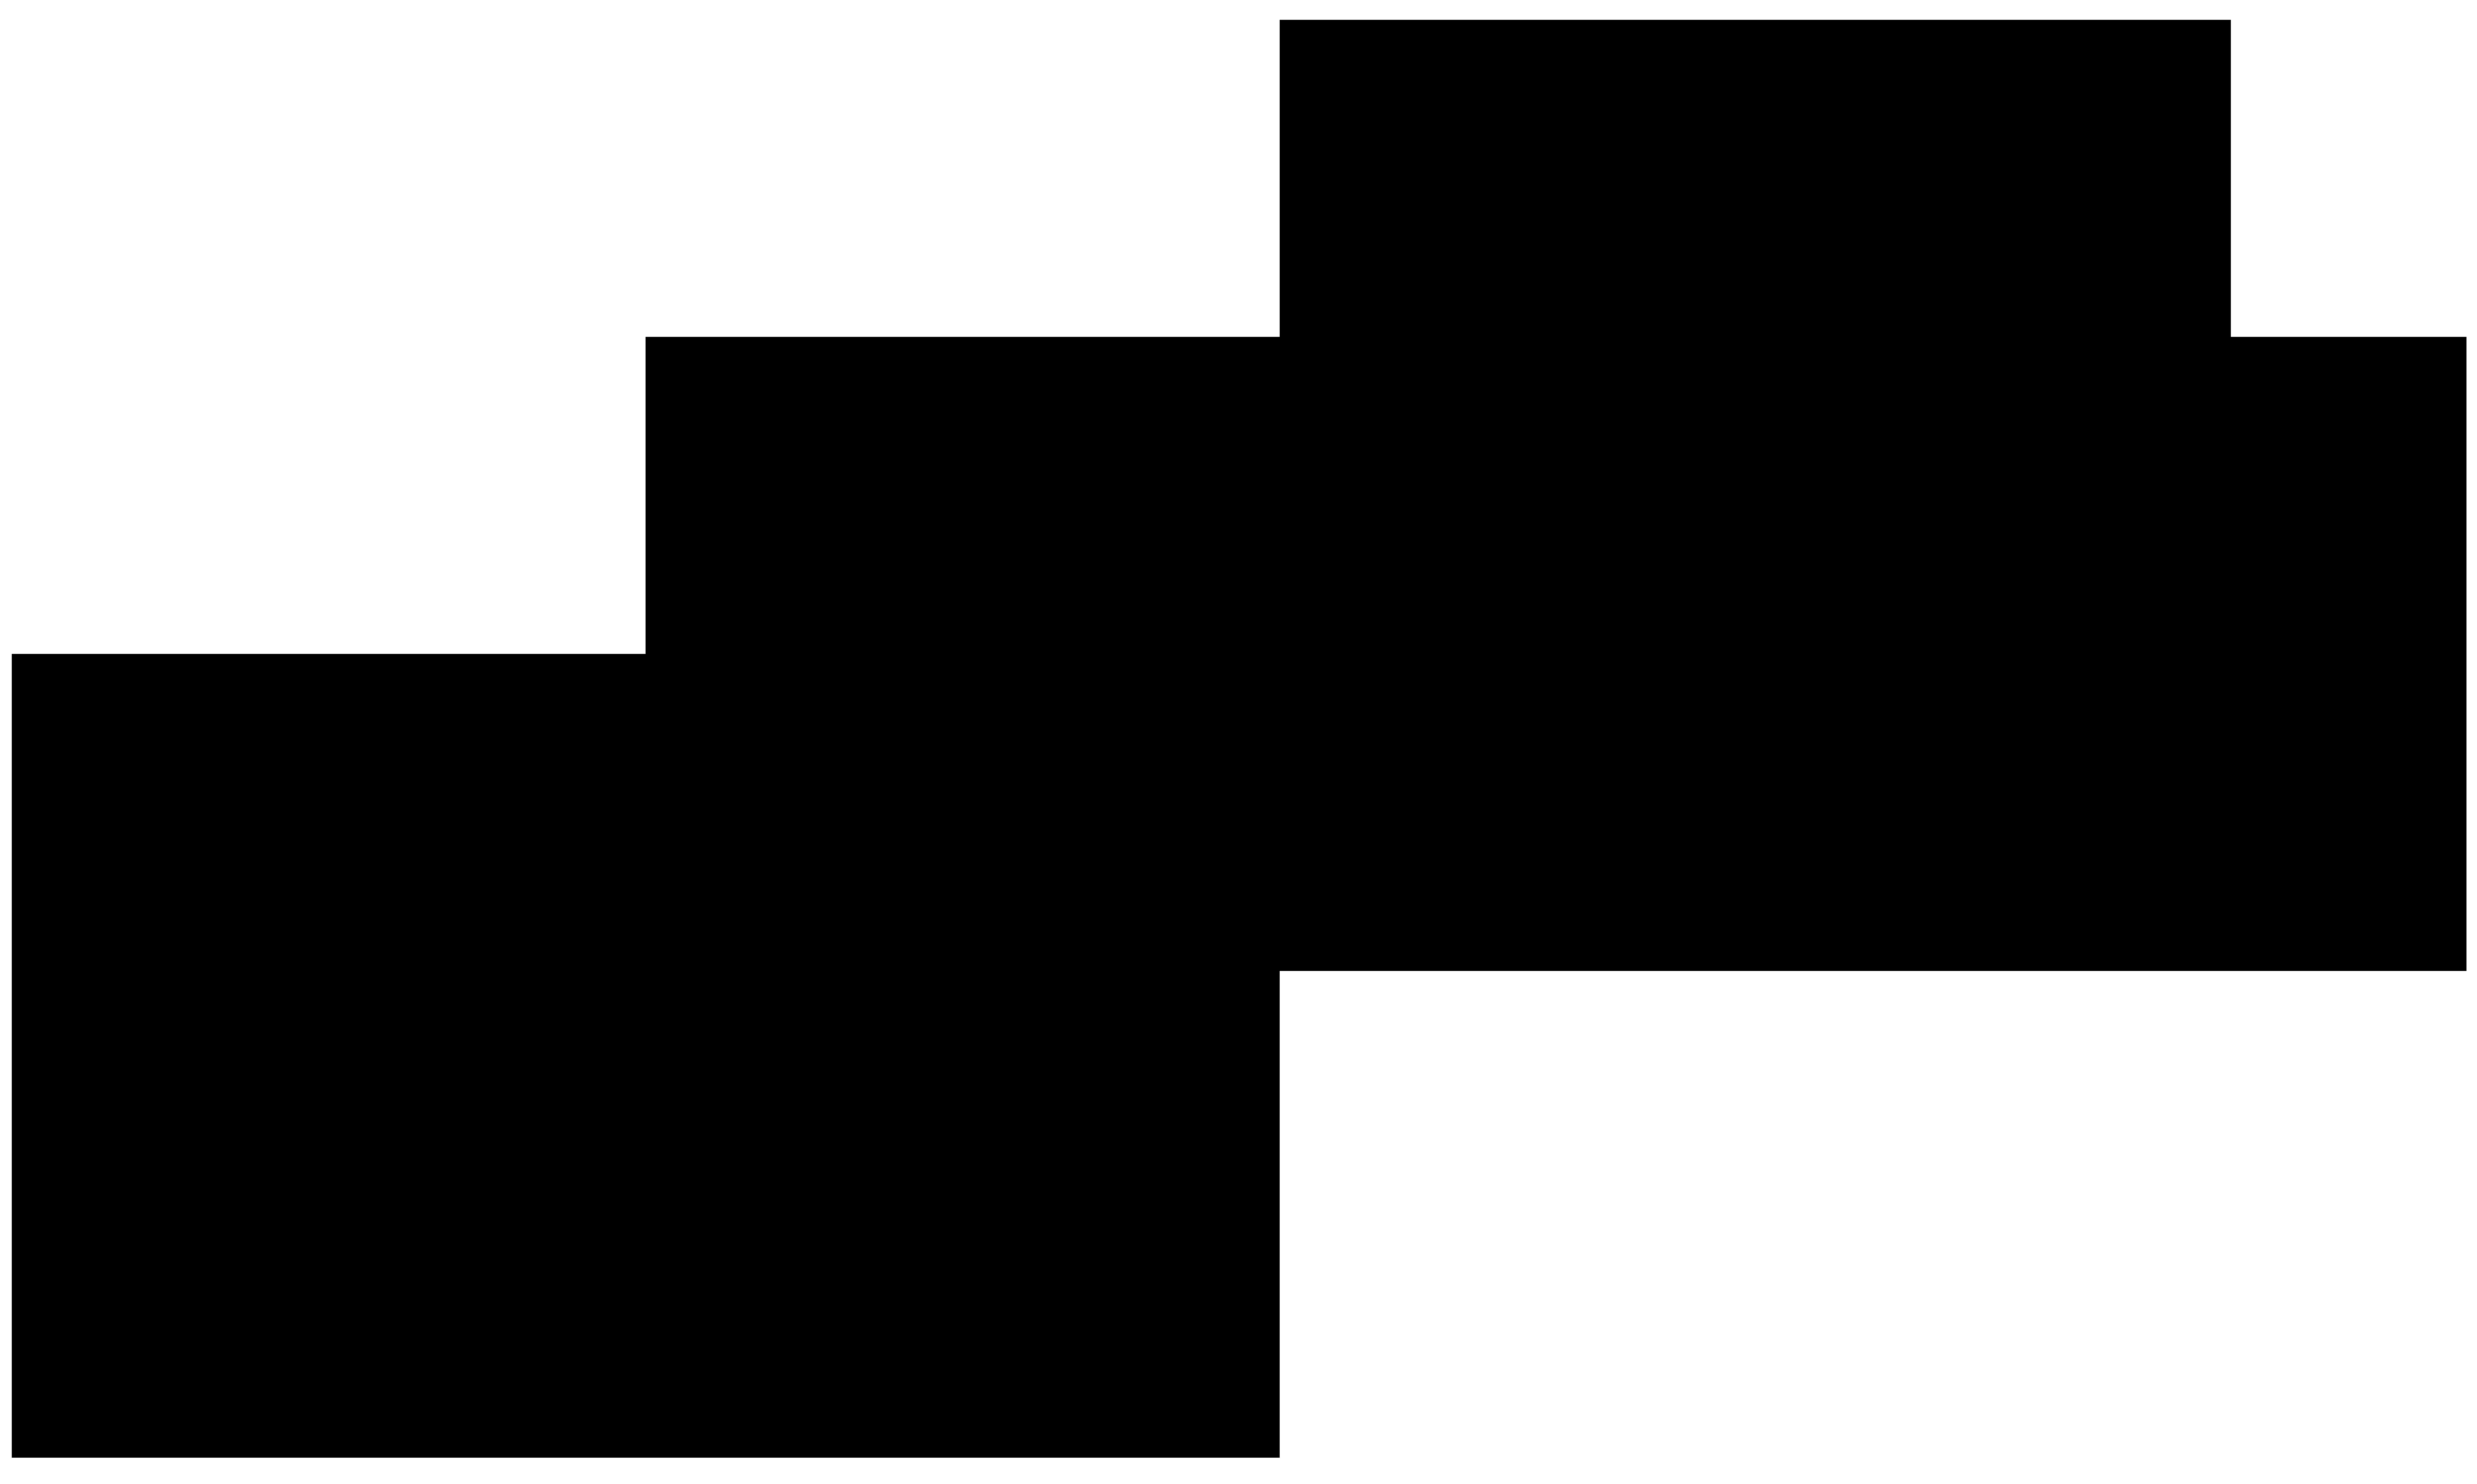 Silhouette Scuba diving Clip art.